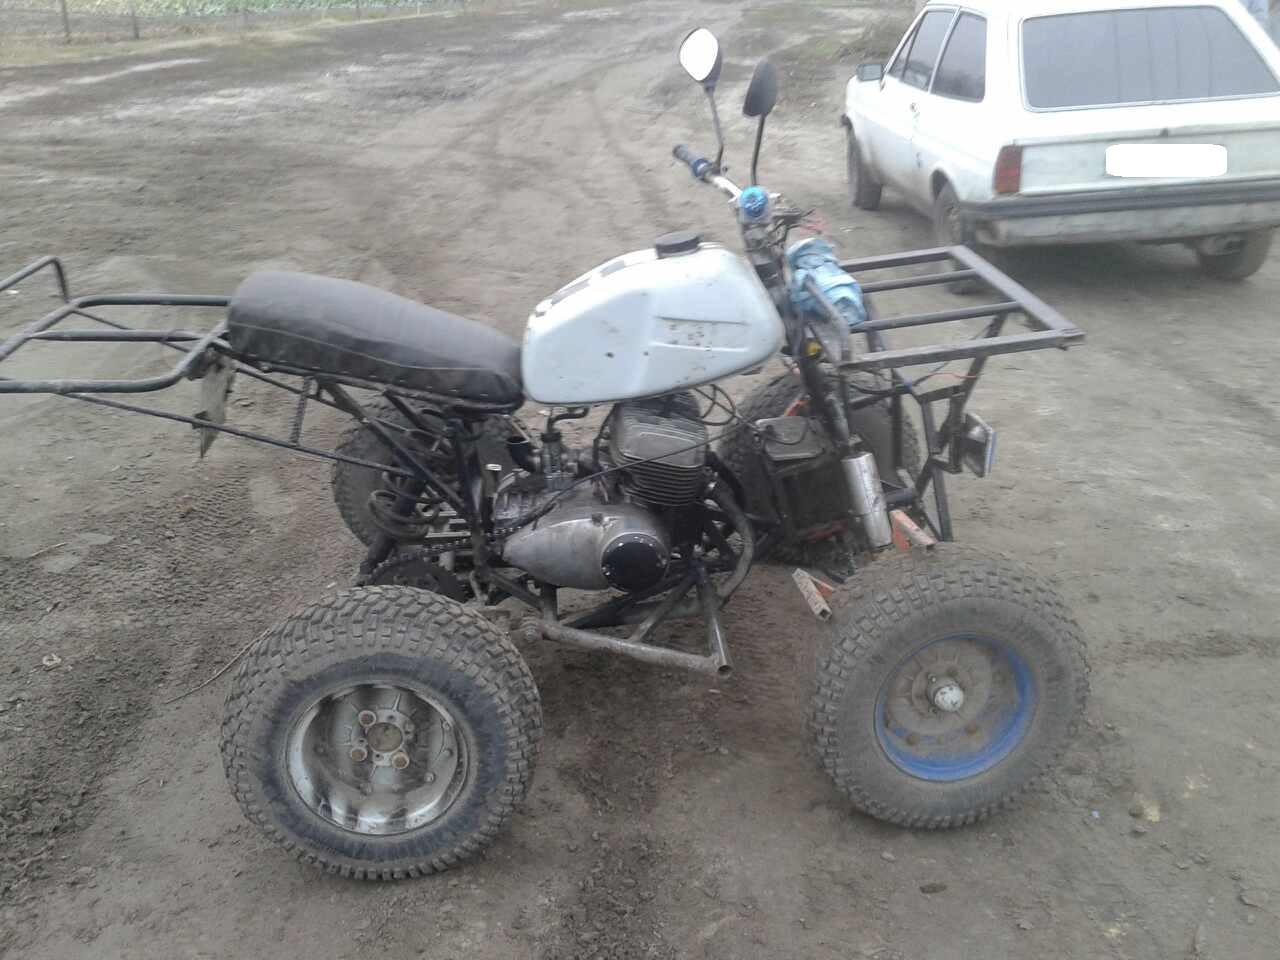 Украинец собрал в гараже мощный квадроцикл 1